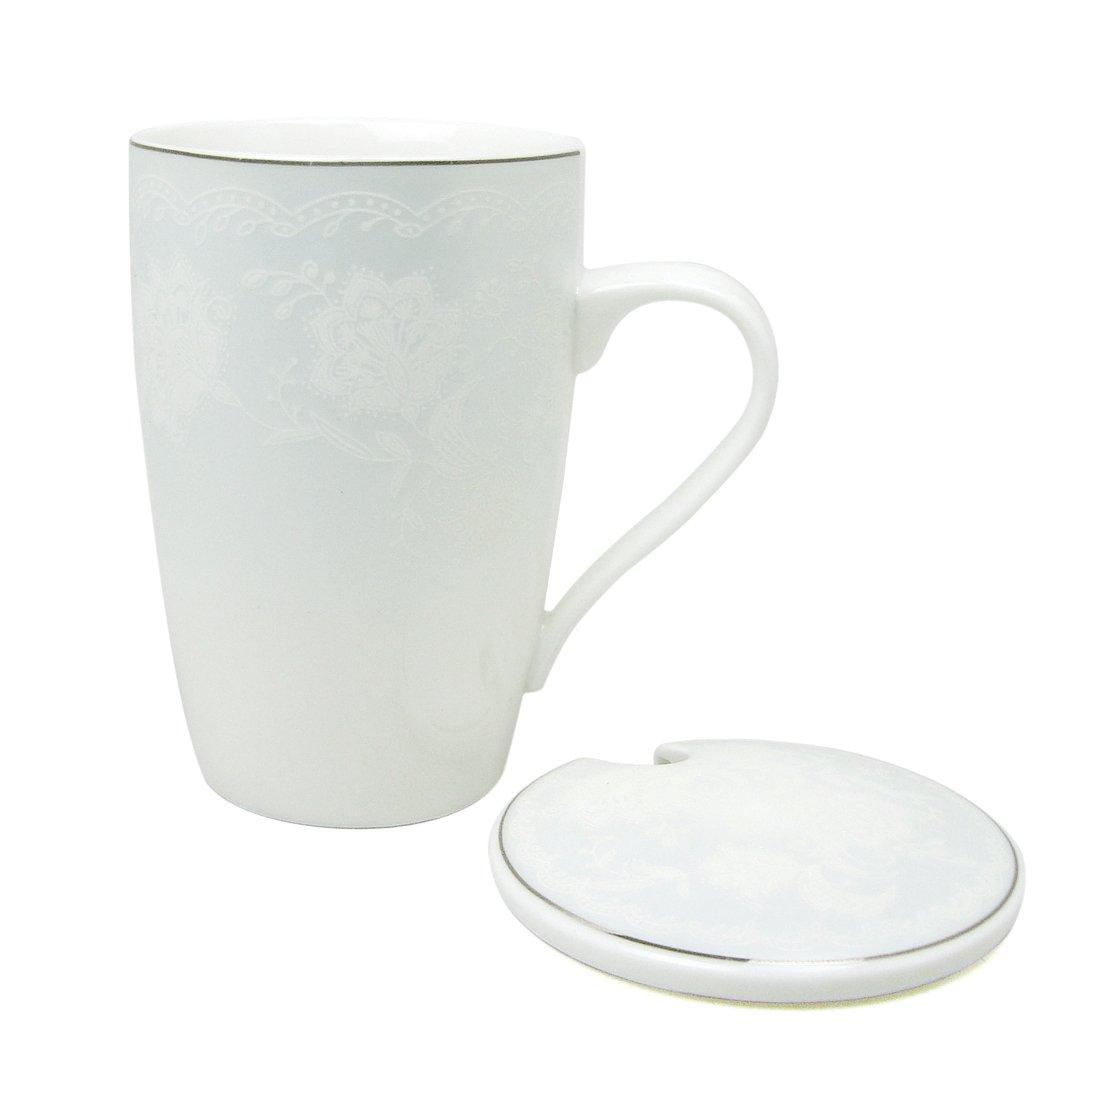 Ziiyan 13オンスセラミックミルクコーヒーマグTea Cup with Lid 13オンス ブルー B0722KDXKF ライトブルー